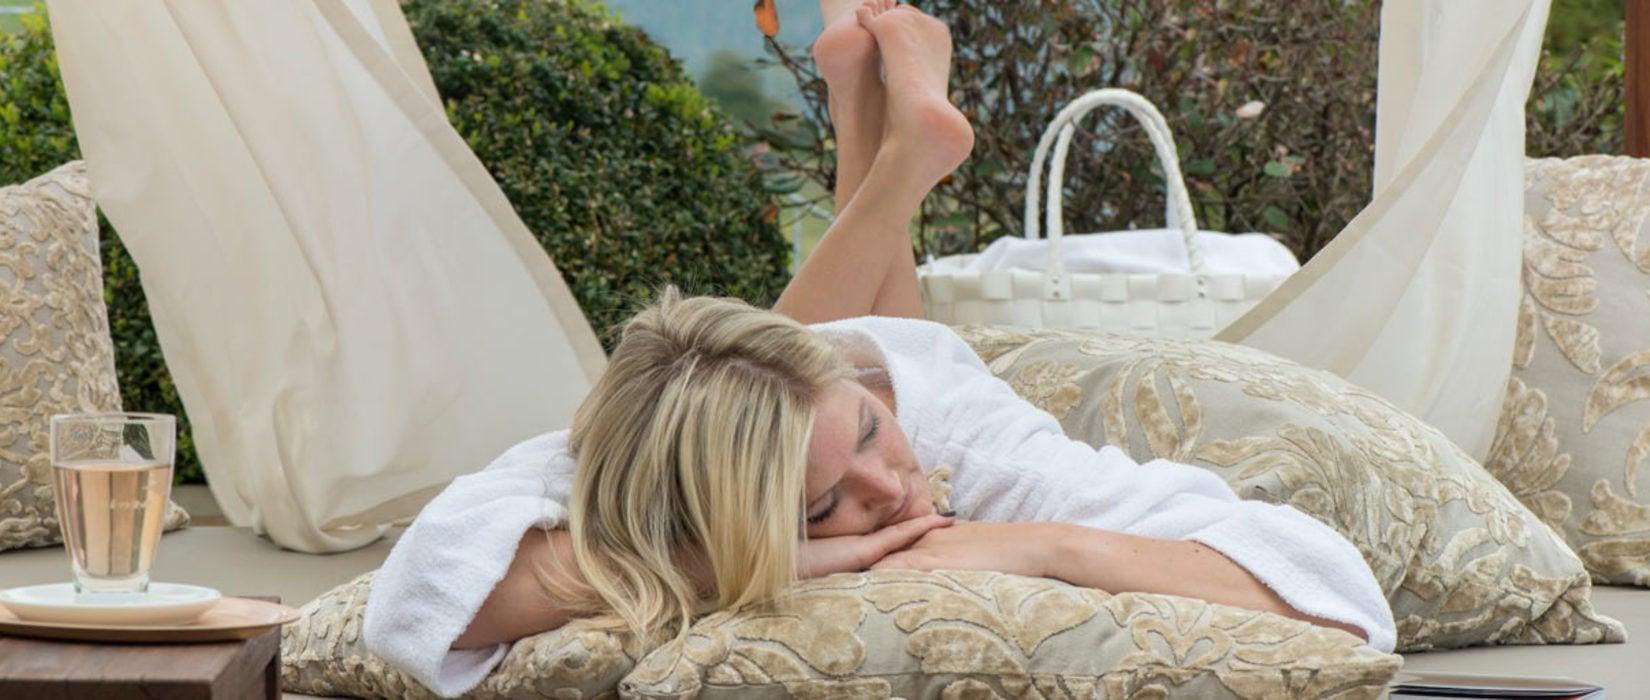 Staccare la spina e godersi il relax dell'autunno